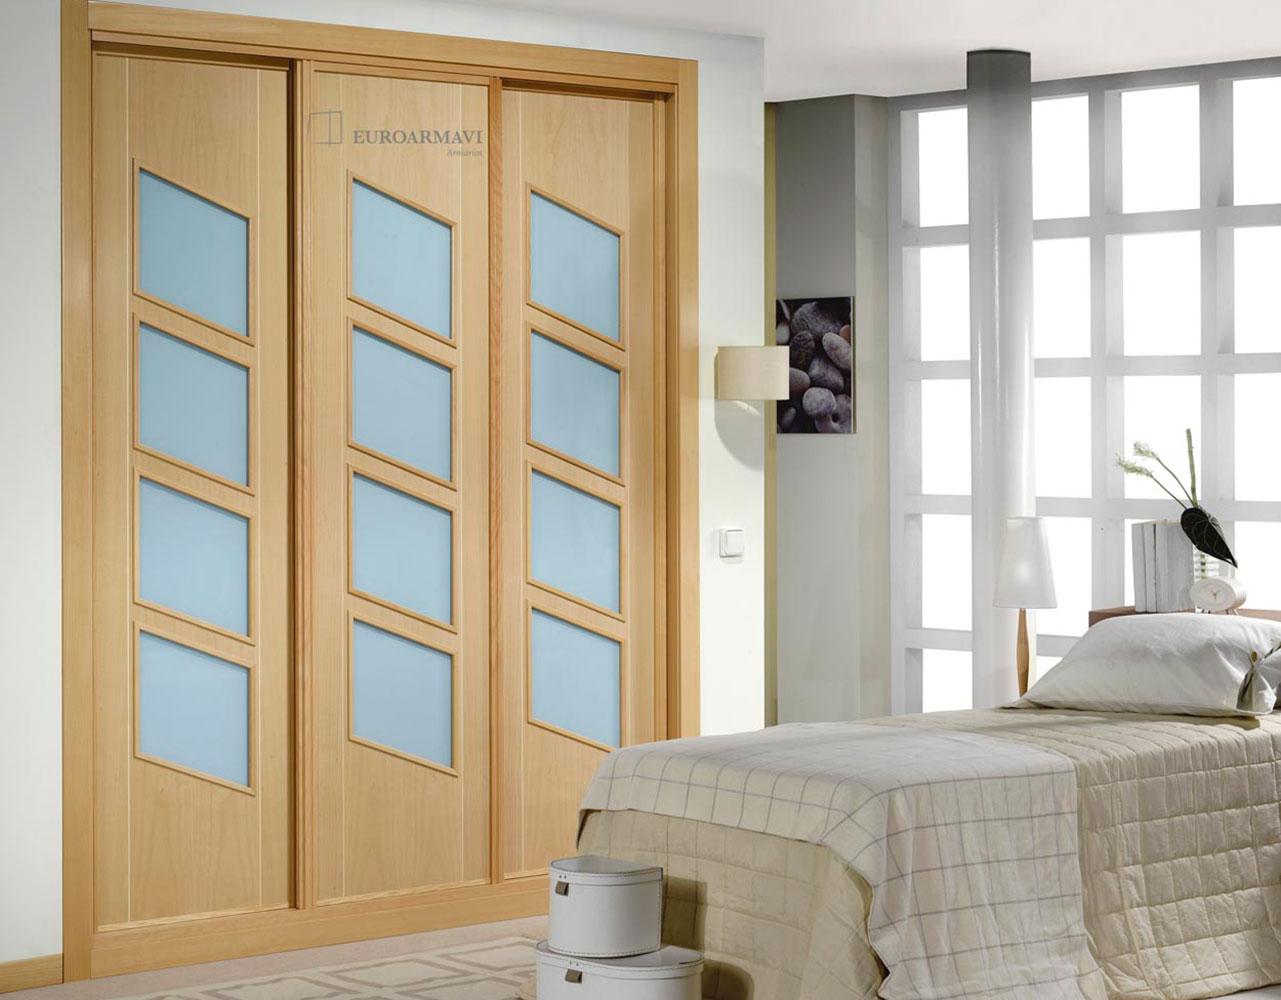 01-euroarmavi-armario-dormitorio-mod-l704vi